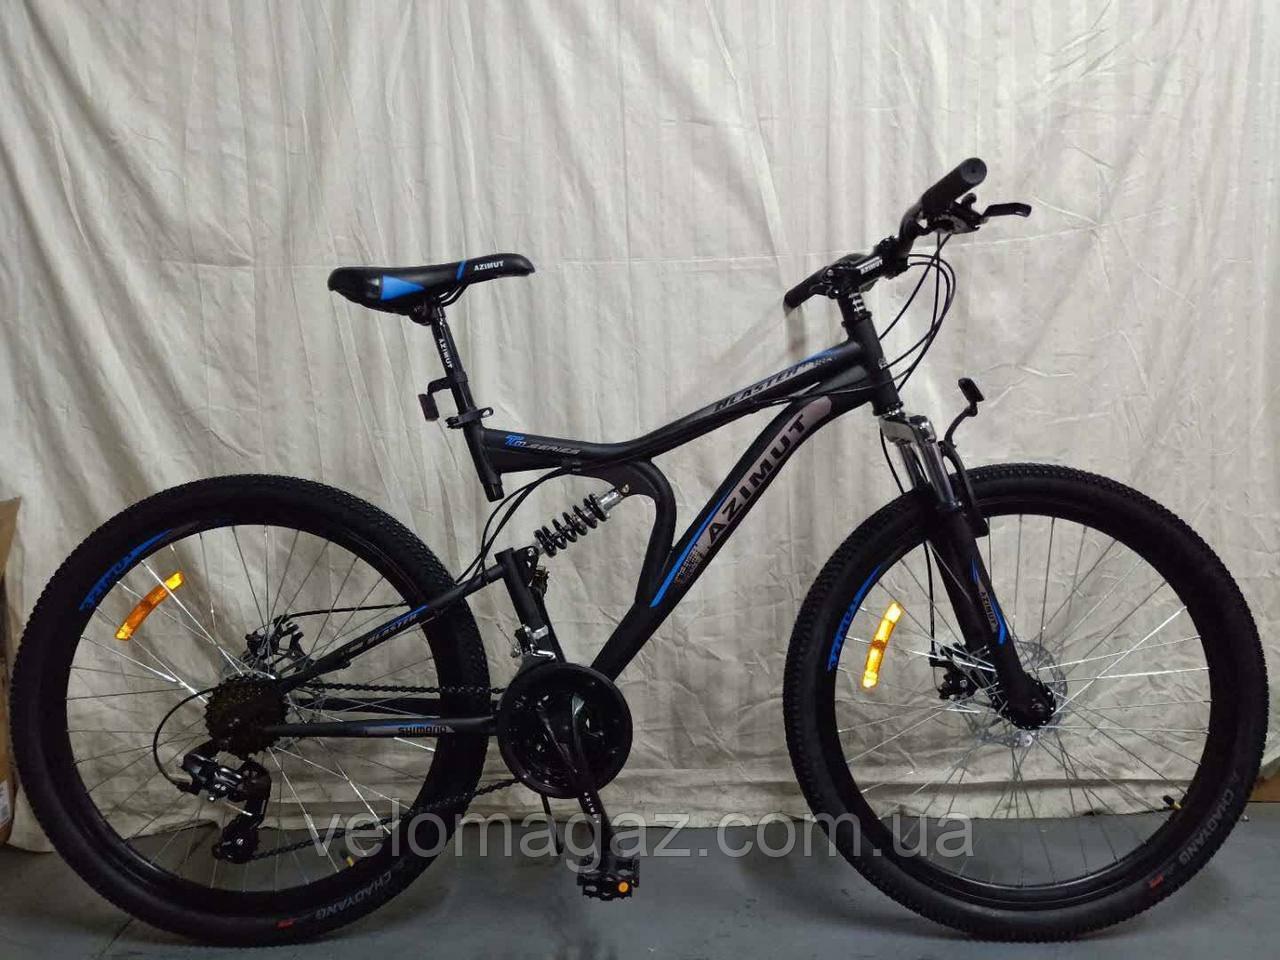 """Велосипед горный двухподвесной  Blaster 24"""" черно-синий"""